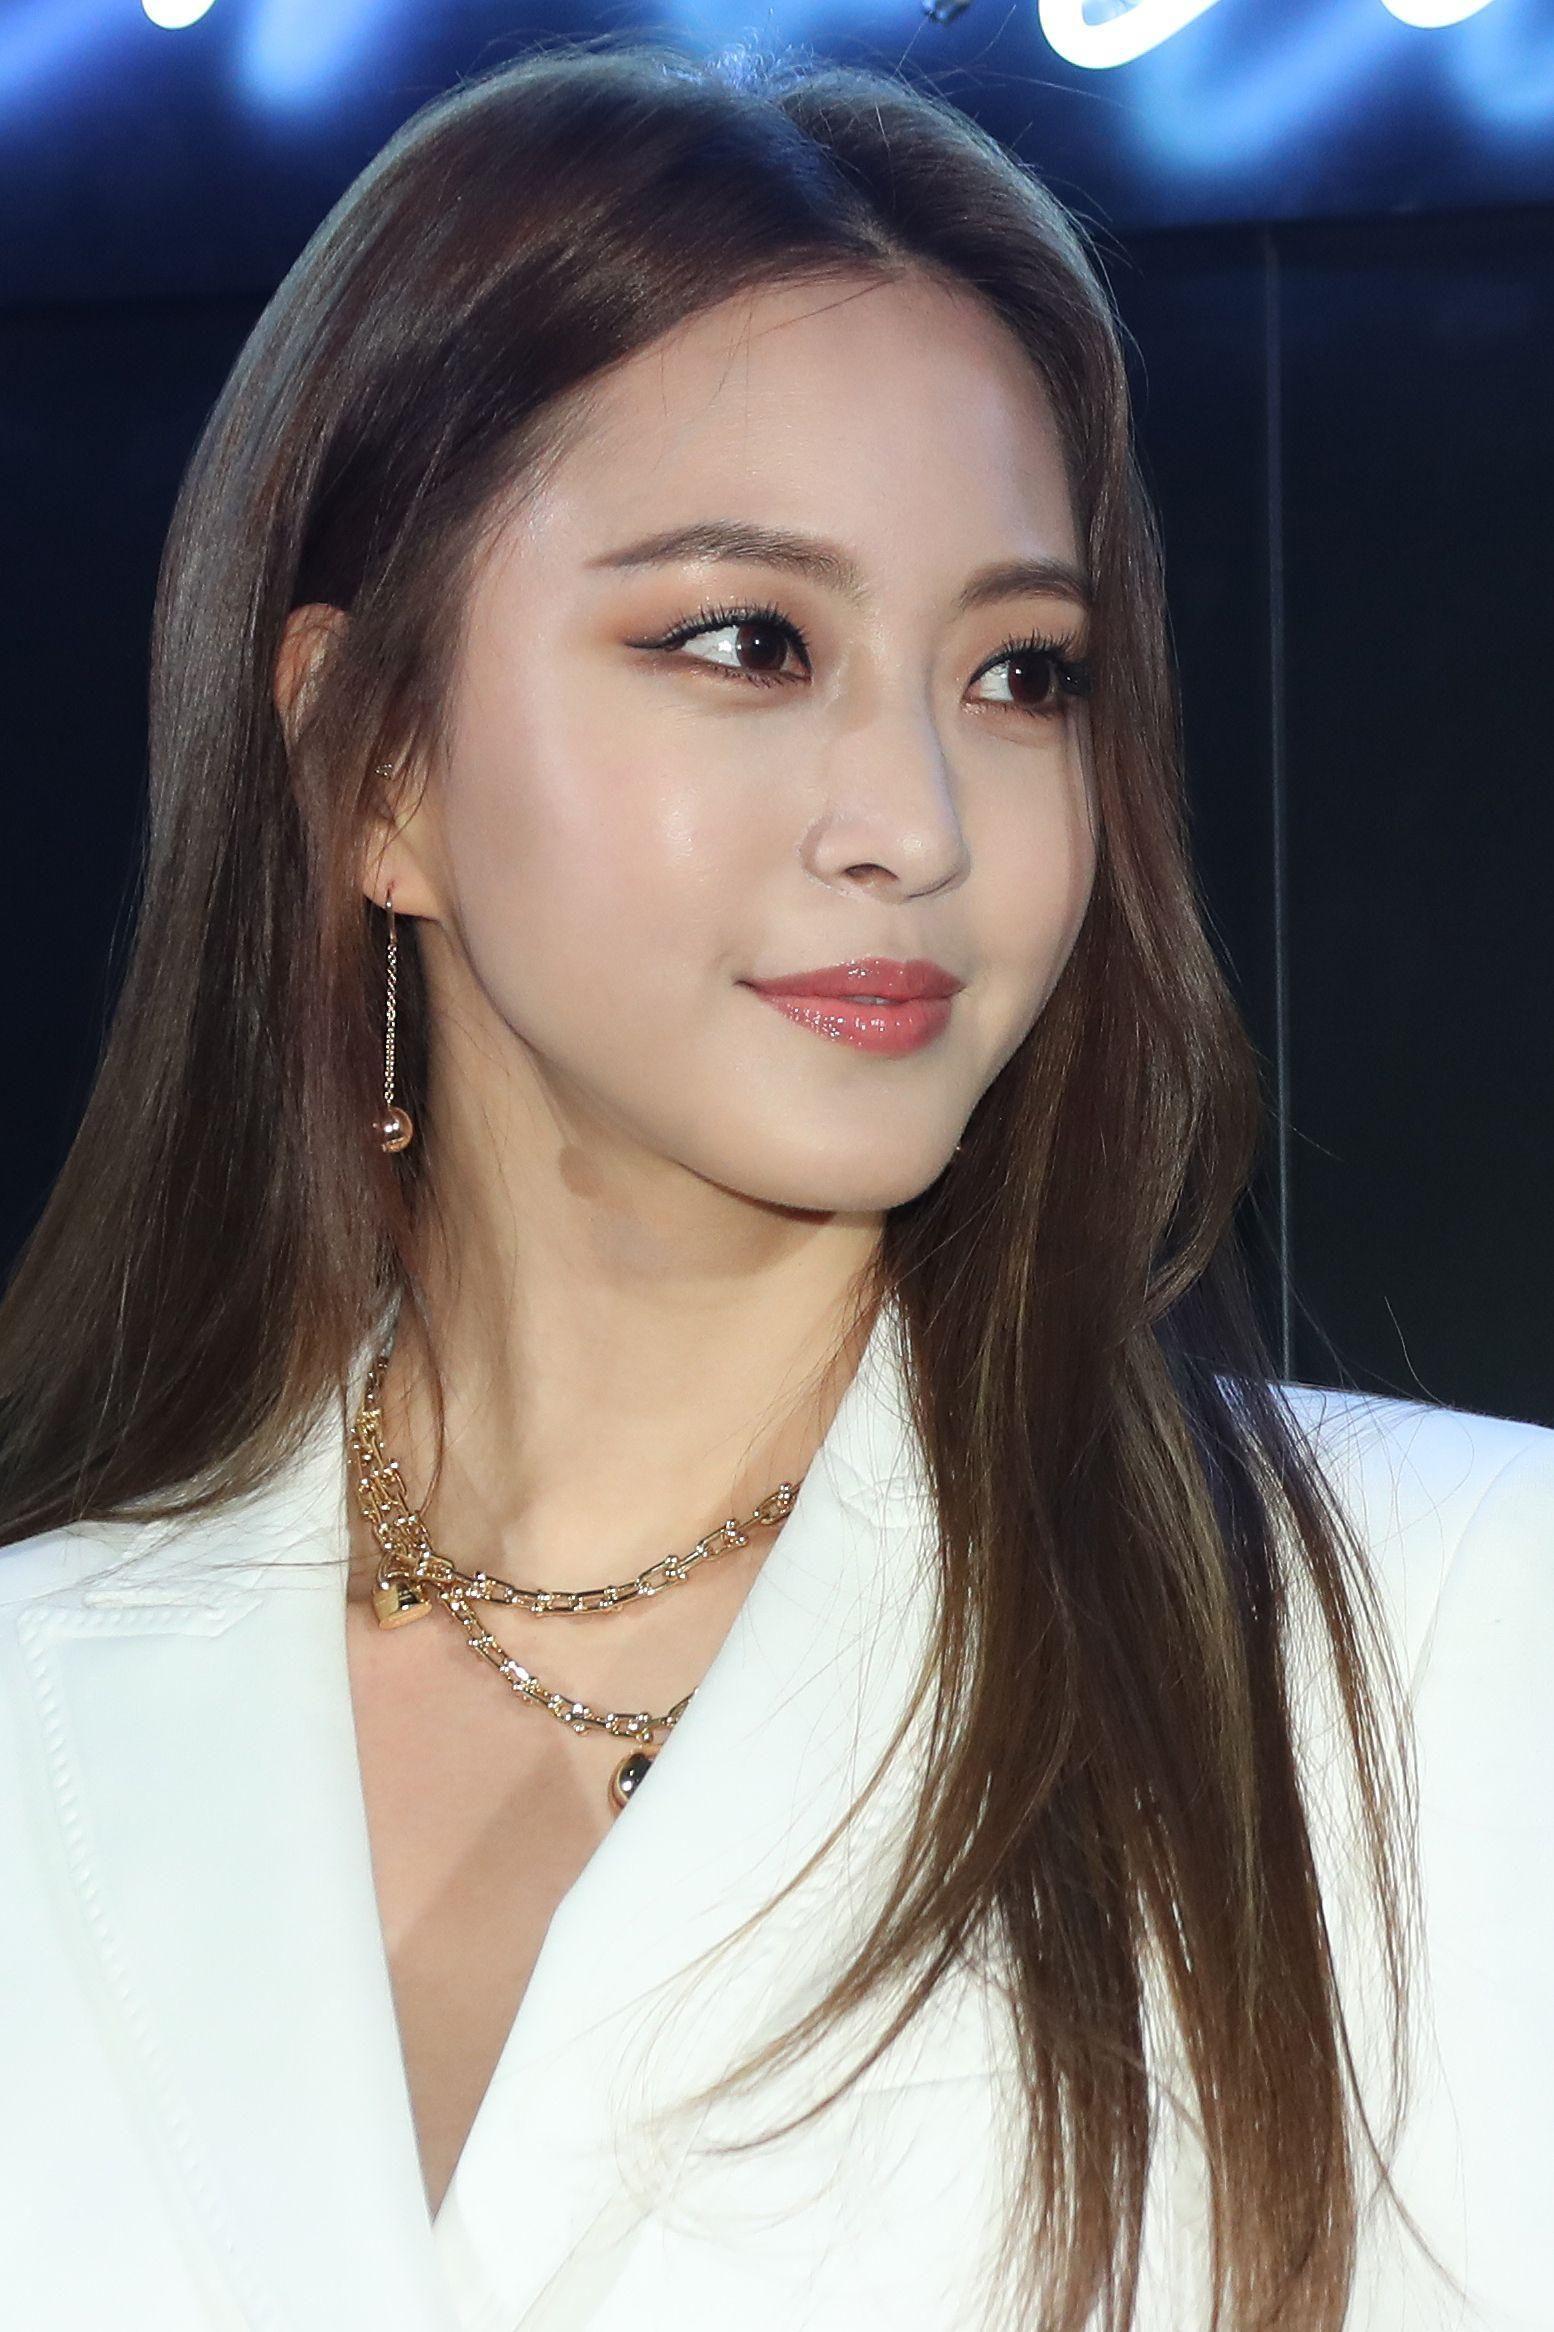 Chuyên gia thẩm mỹ chọn ra Top mỹ nhân có gương mặt đẹp nhất Kbiz: Cuối cùng idol đánh bật được diễn viên - Ảnh 8.